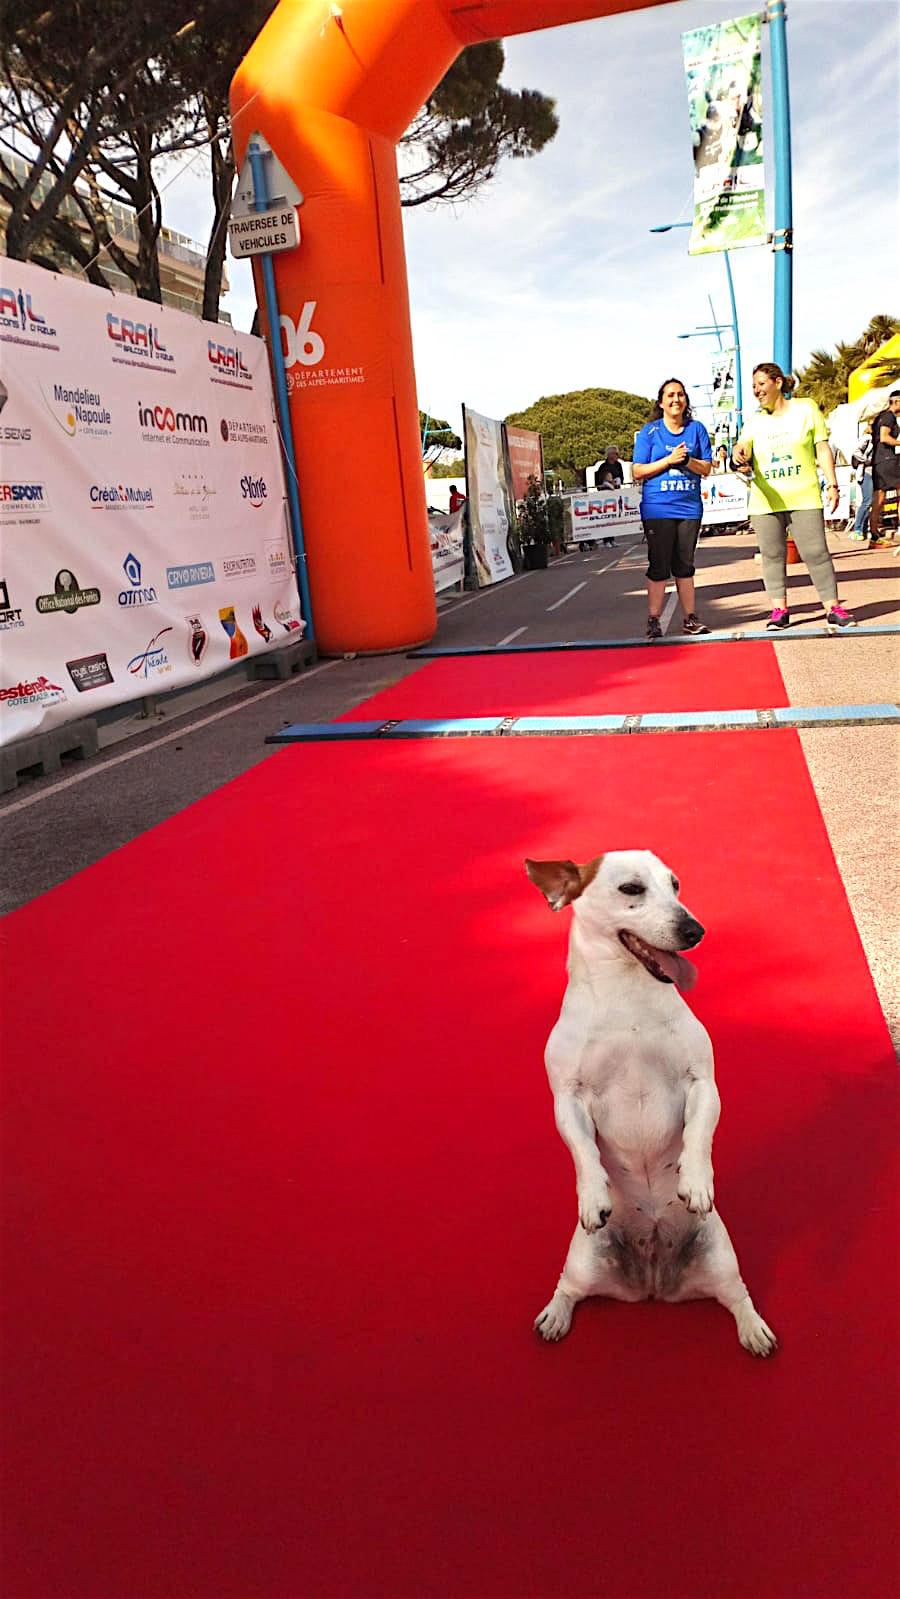 maraton cannes trail 2019.jpg